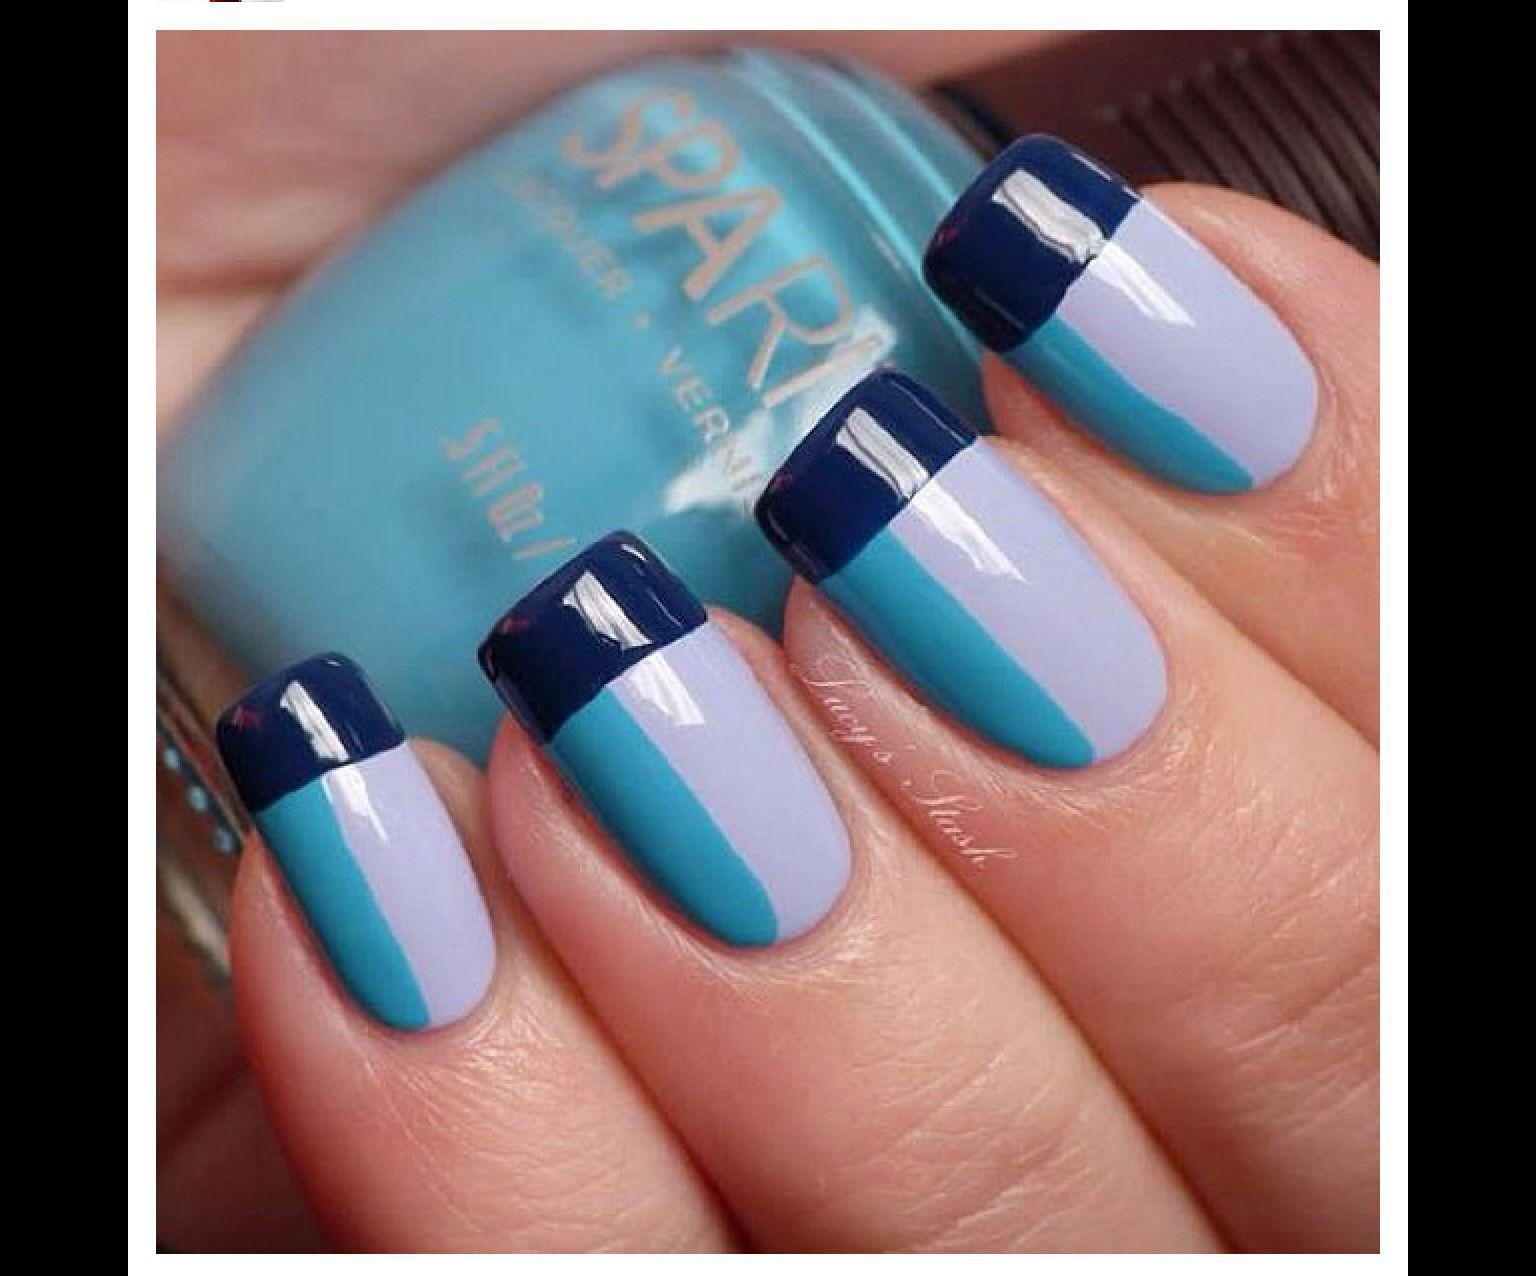 Nail art nails pinterest beauty nails and makeup